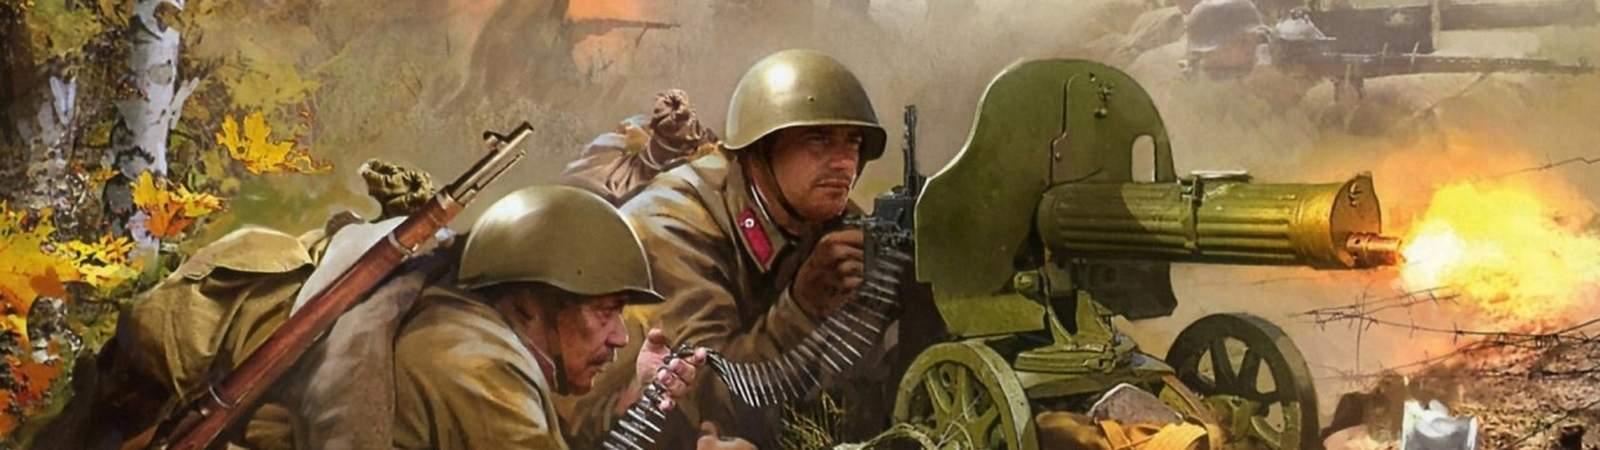 Станковый пулемет войны